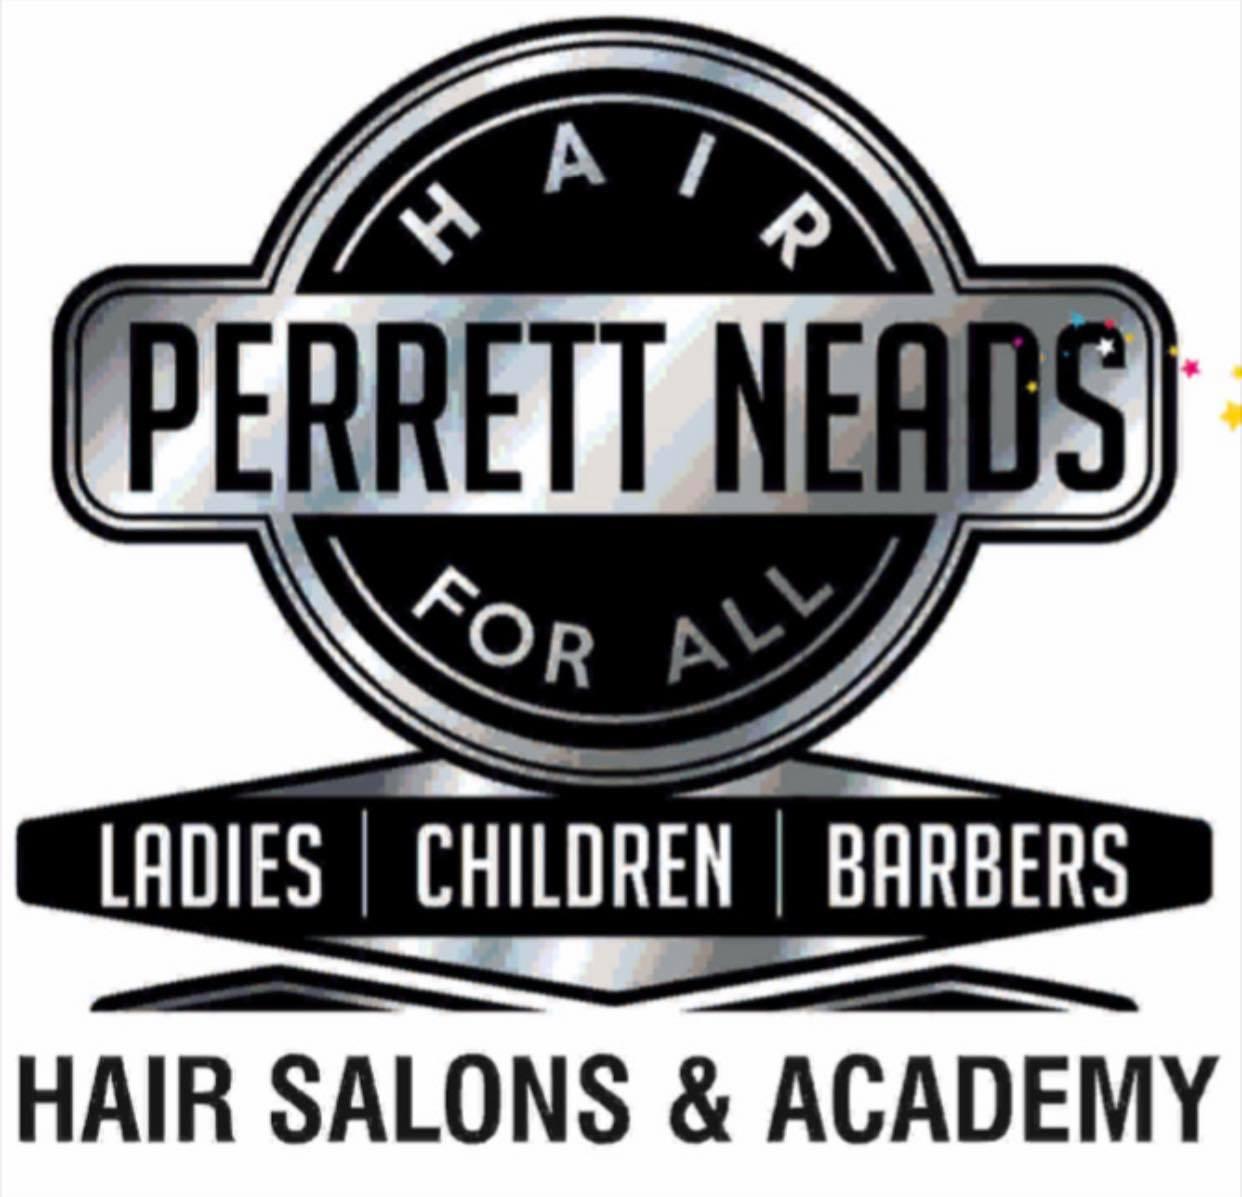 Perrett Neads